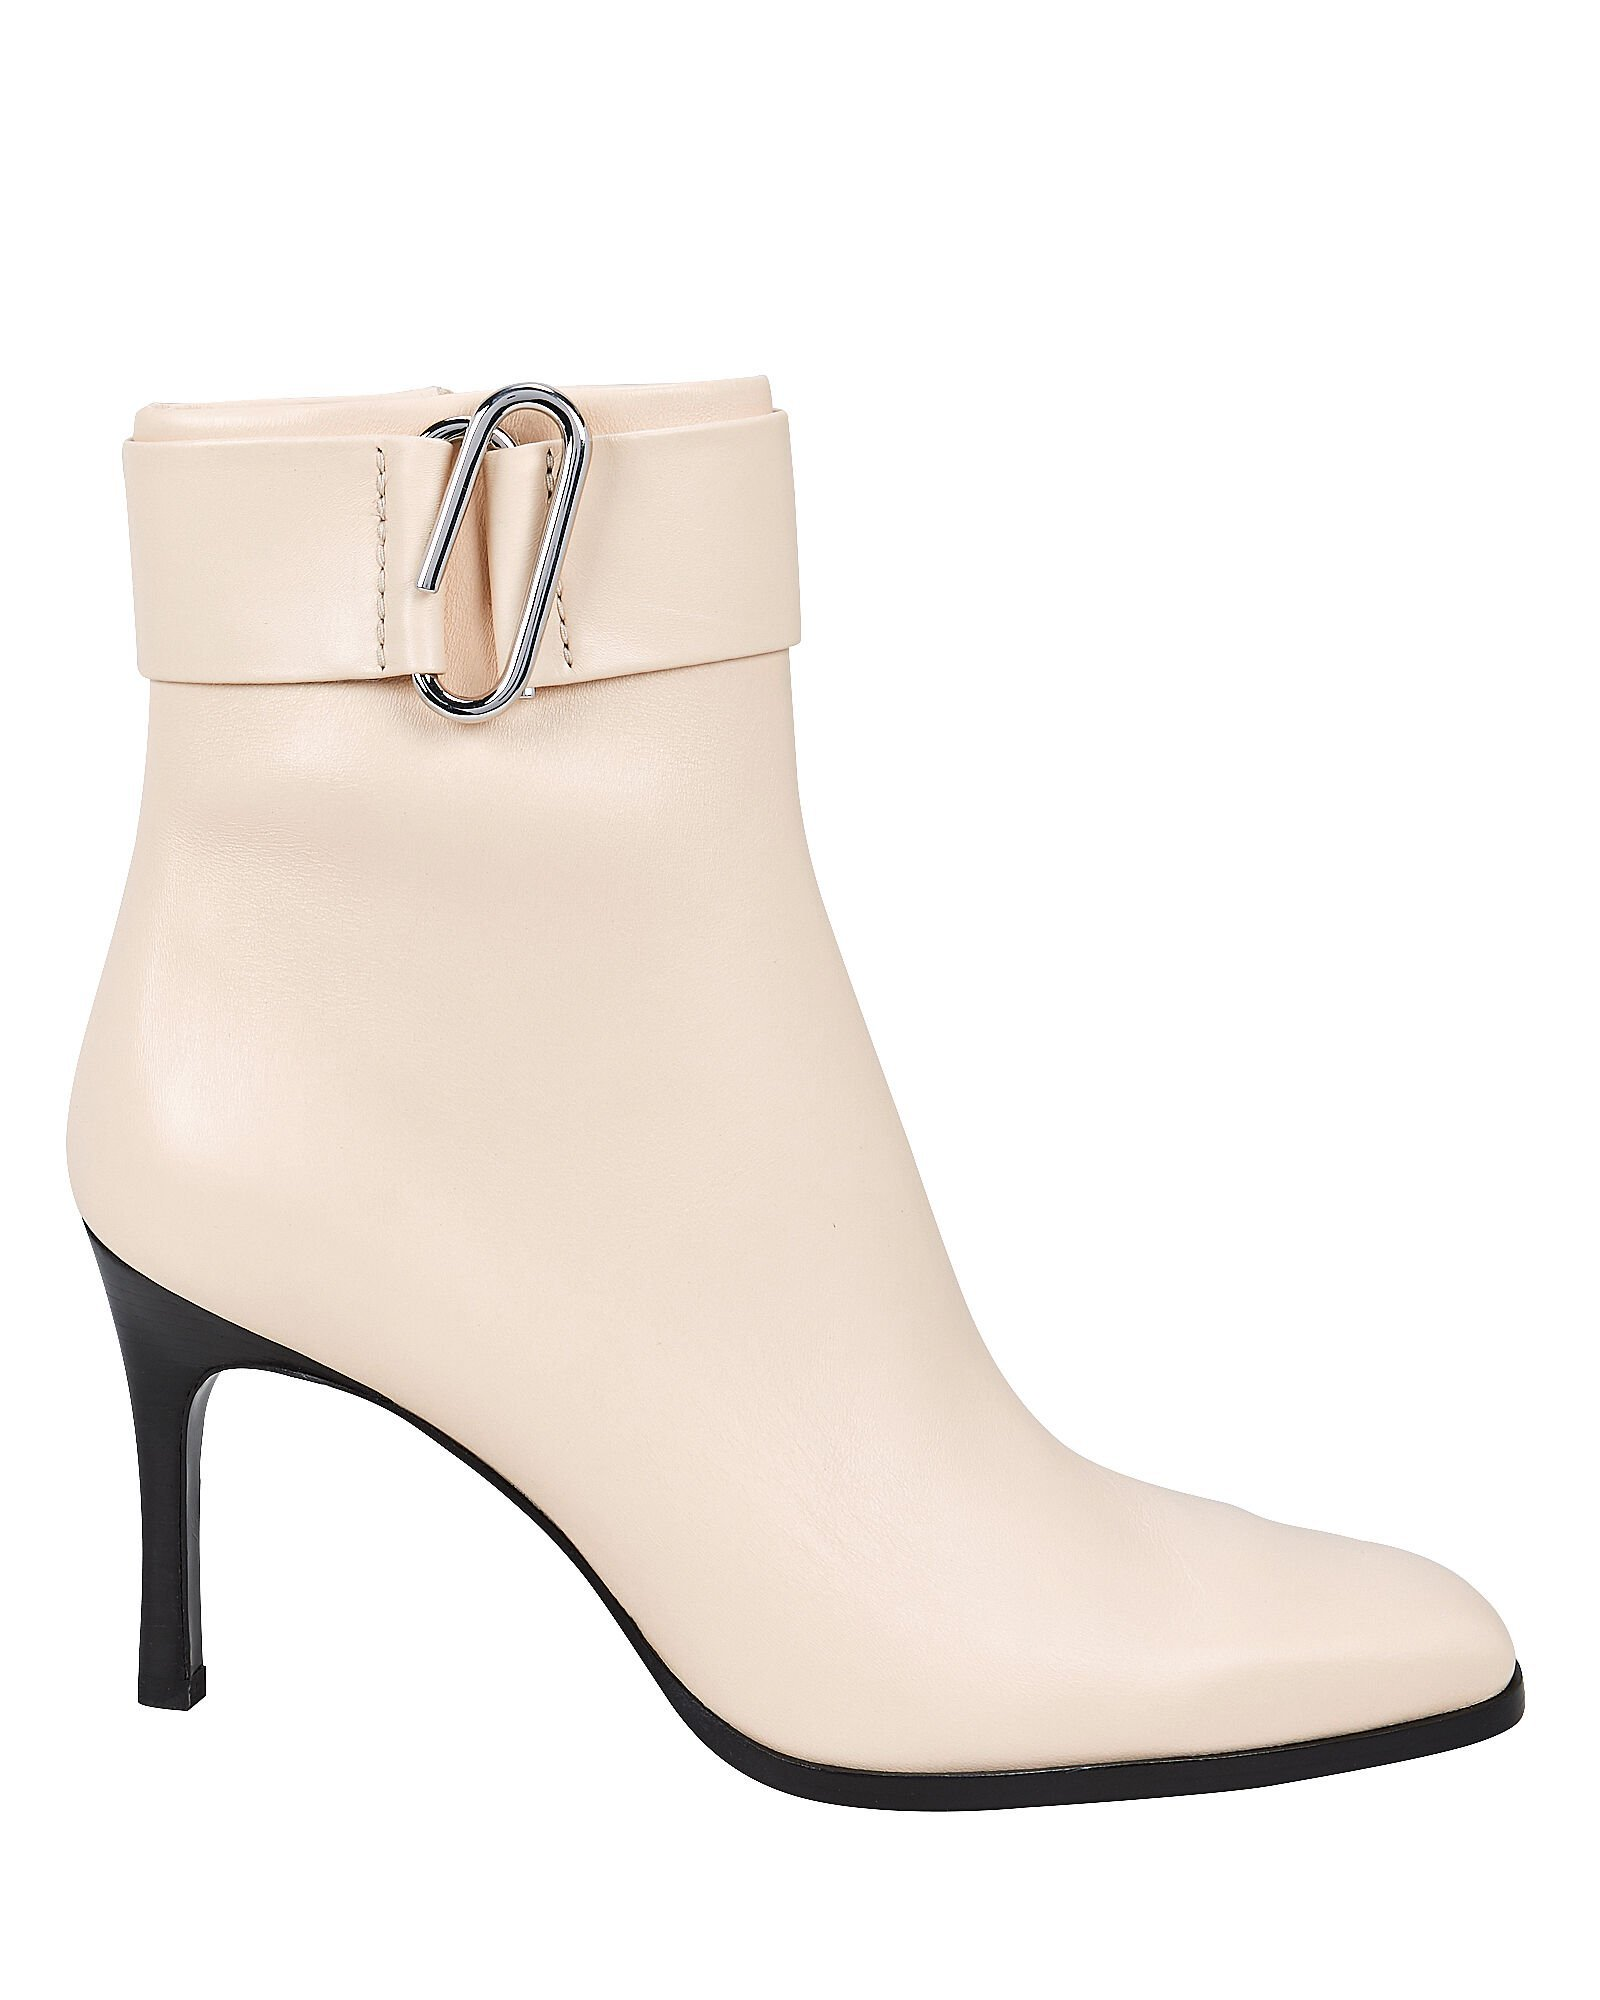 Alix Heeled Leather Booties